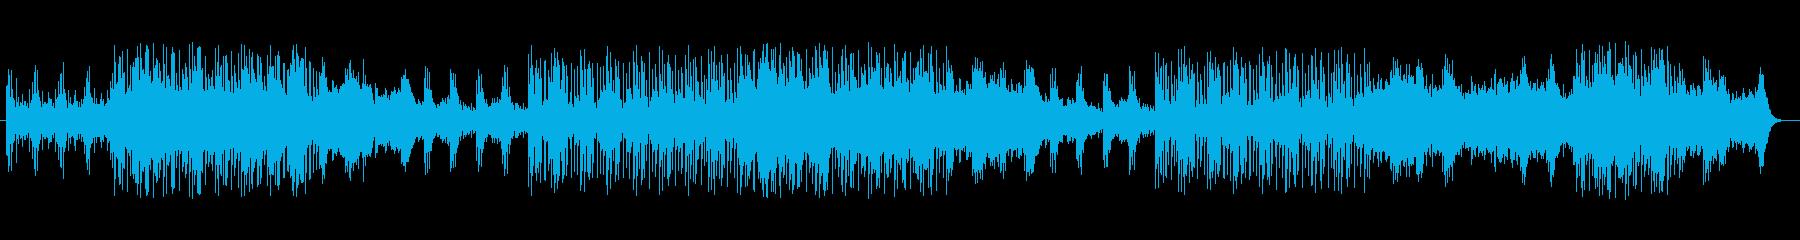 シンセサイザーによる緊張感のある曲の再生済みの波形